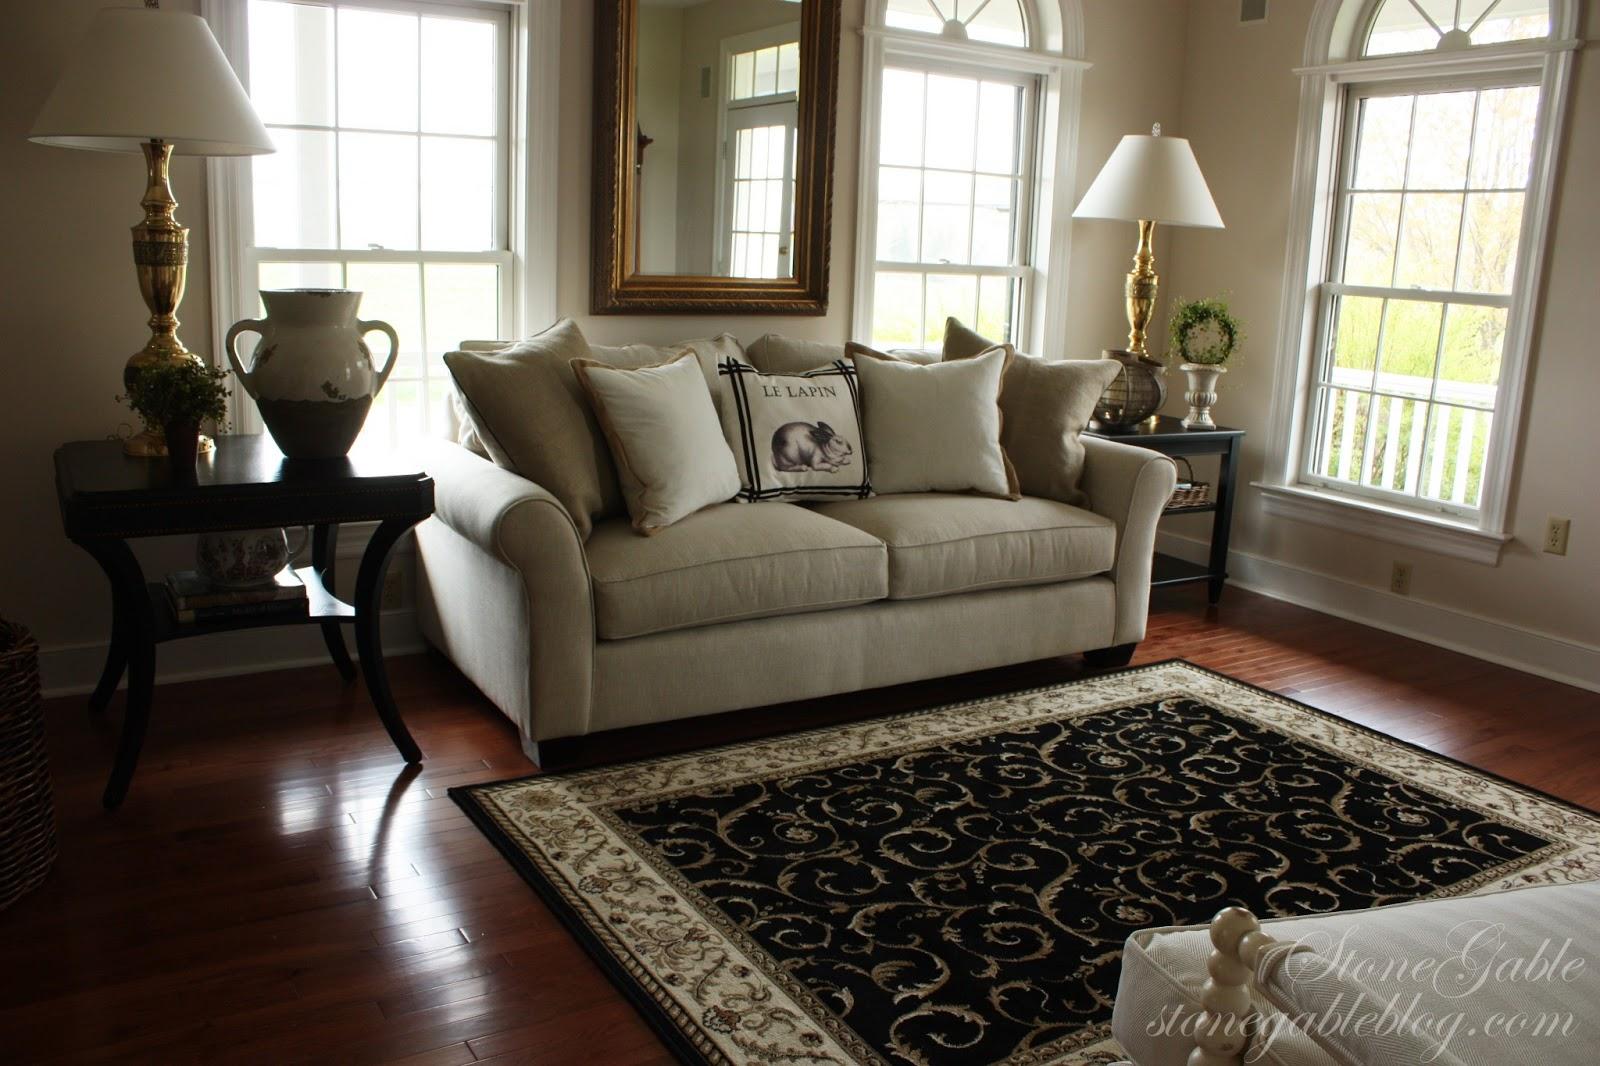 Living room update stonegable for Living room updates